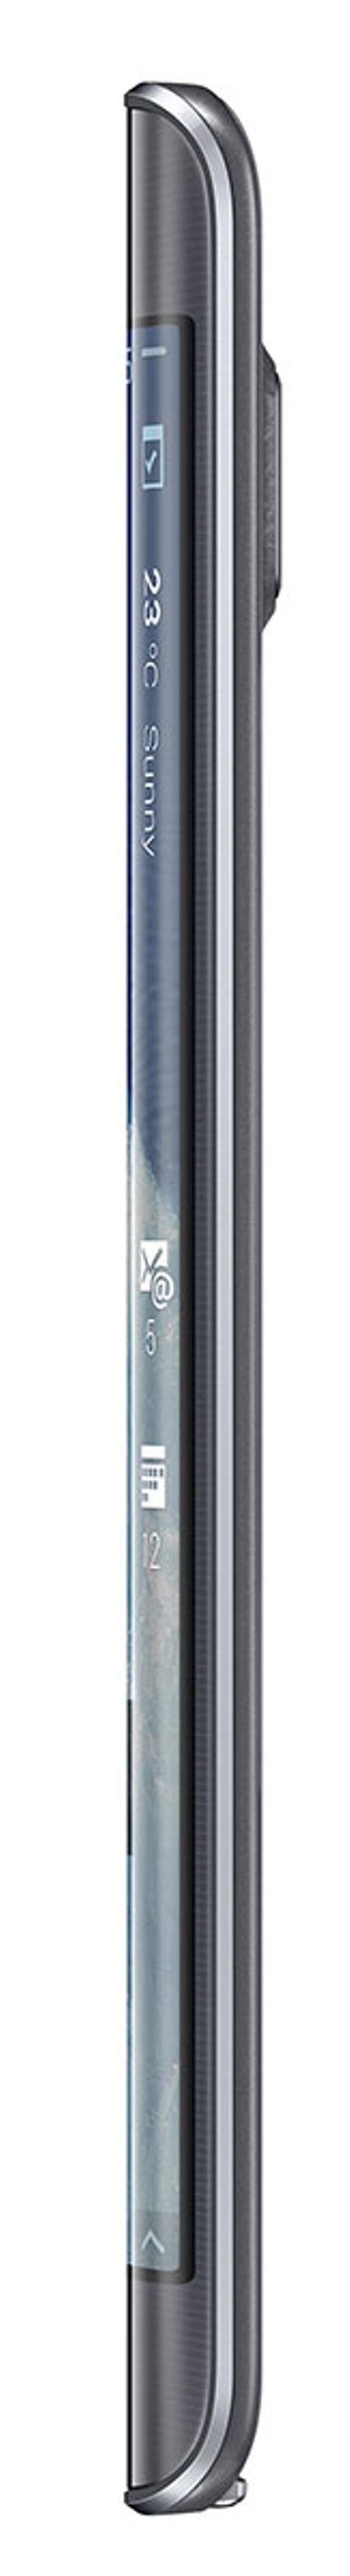 Samsung Galaxy Note Edge visto de perfil con su pantalla curvada